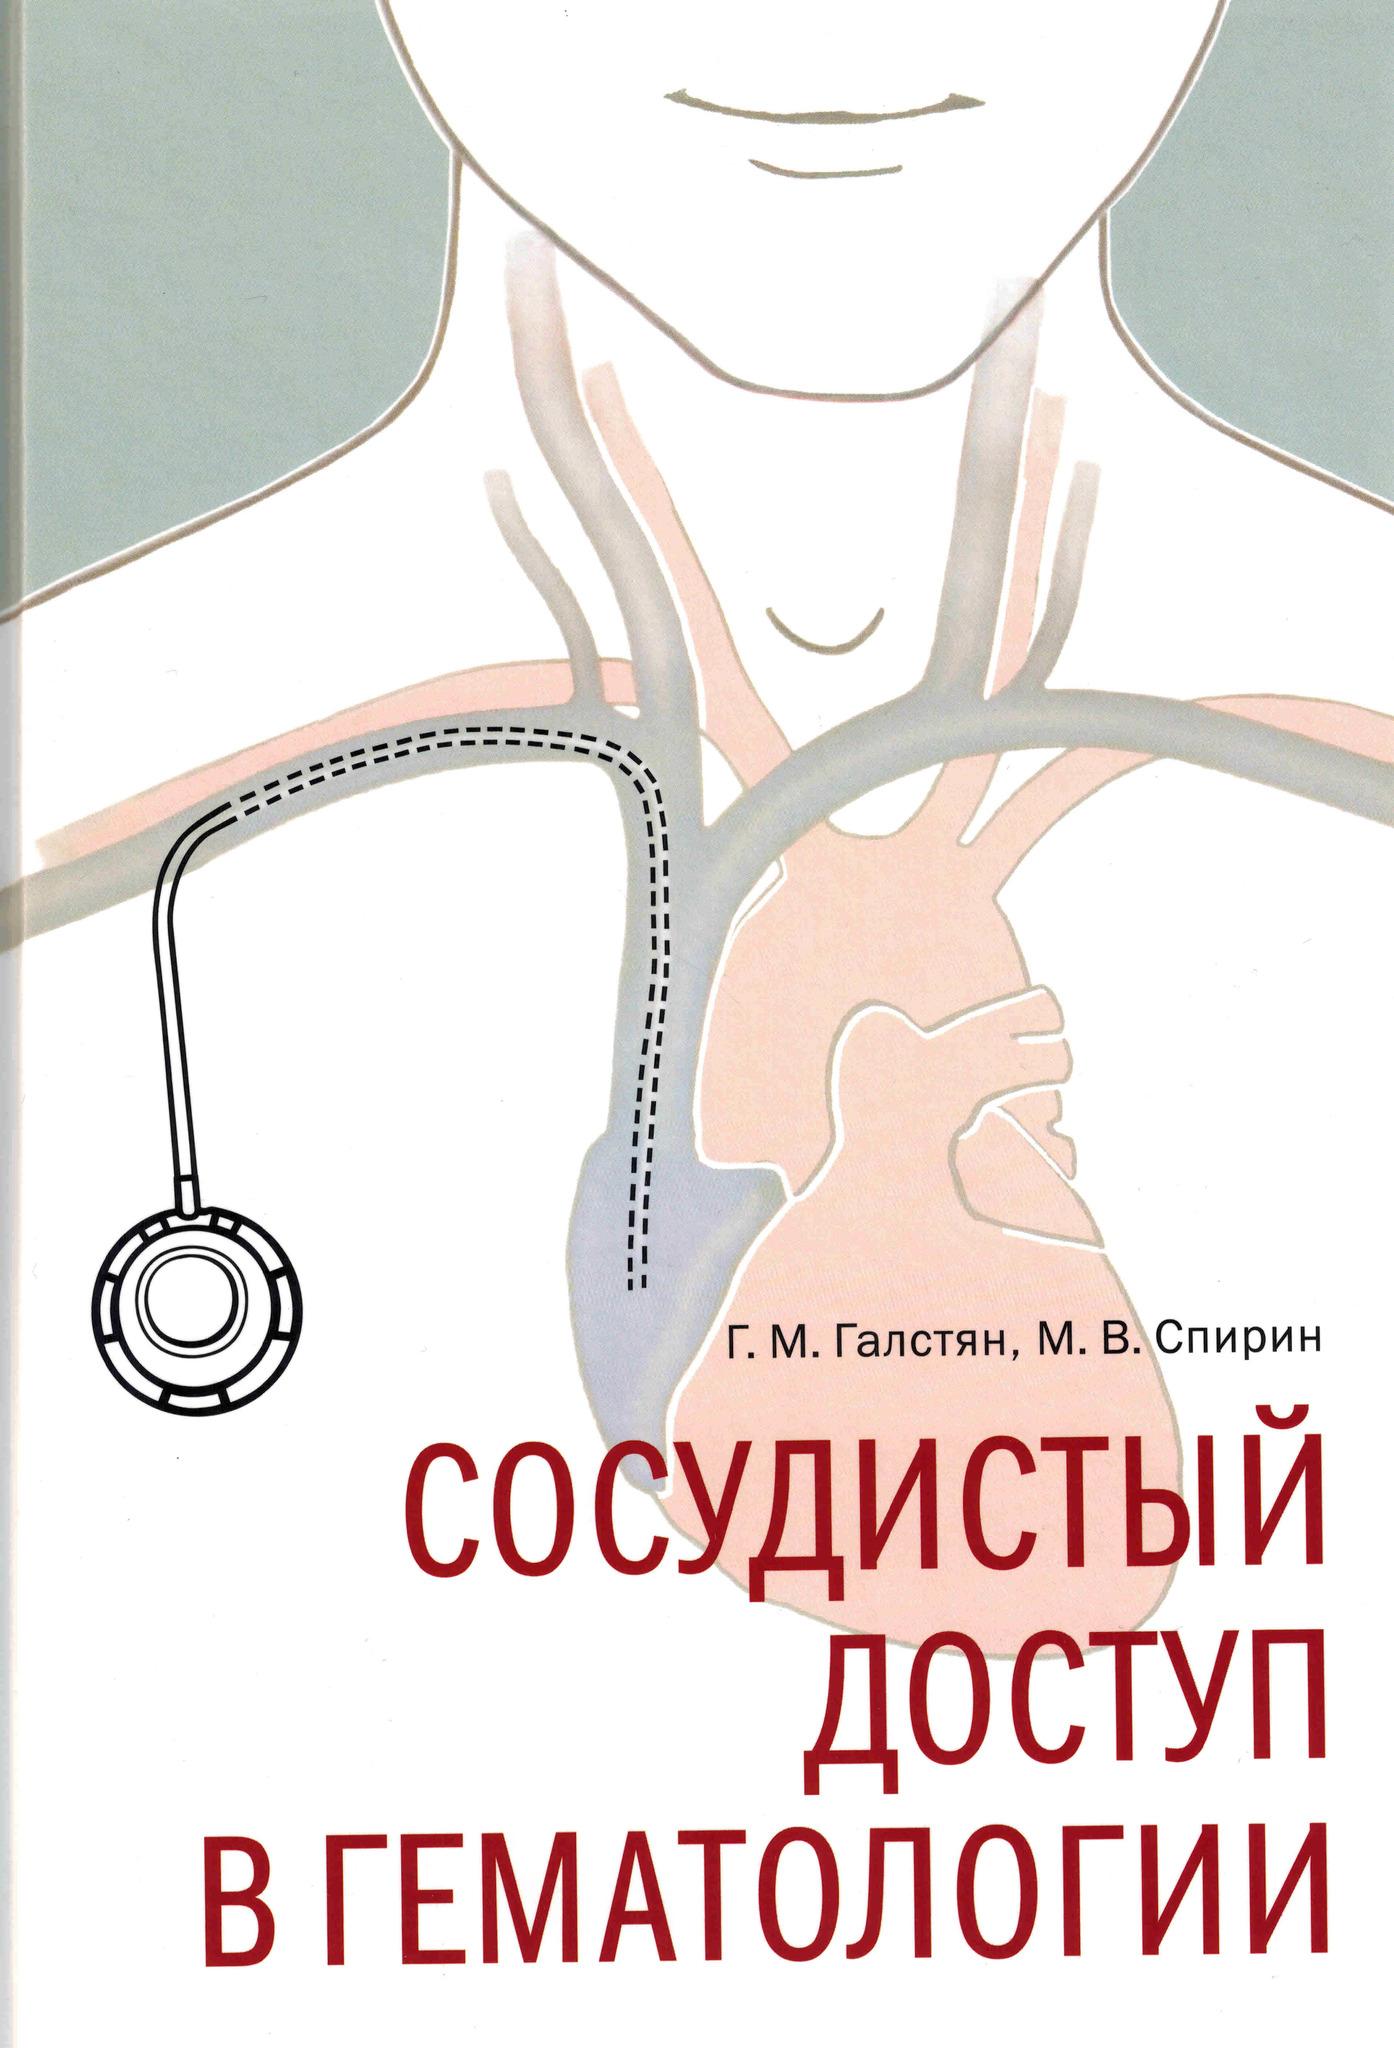 Анестезиология и реанимация Сосудистый доступ в гематологии sdvg.jpg